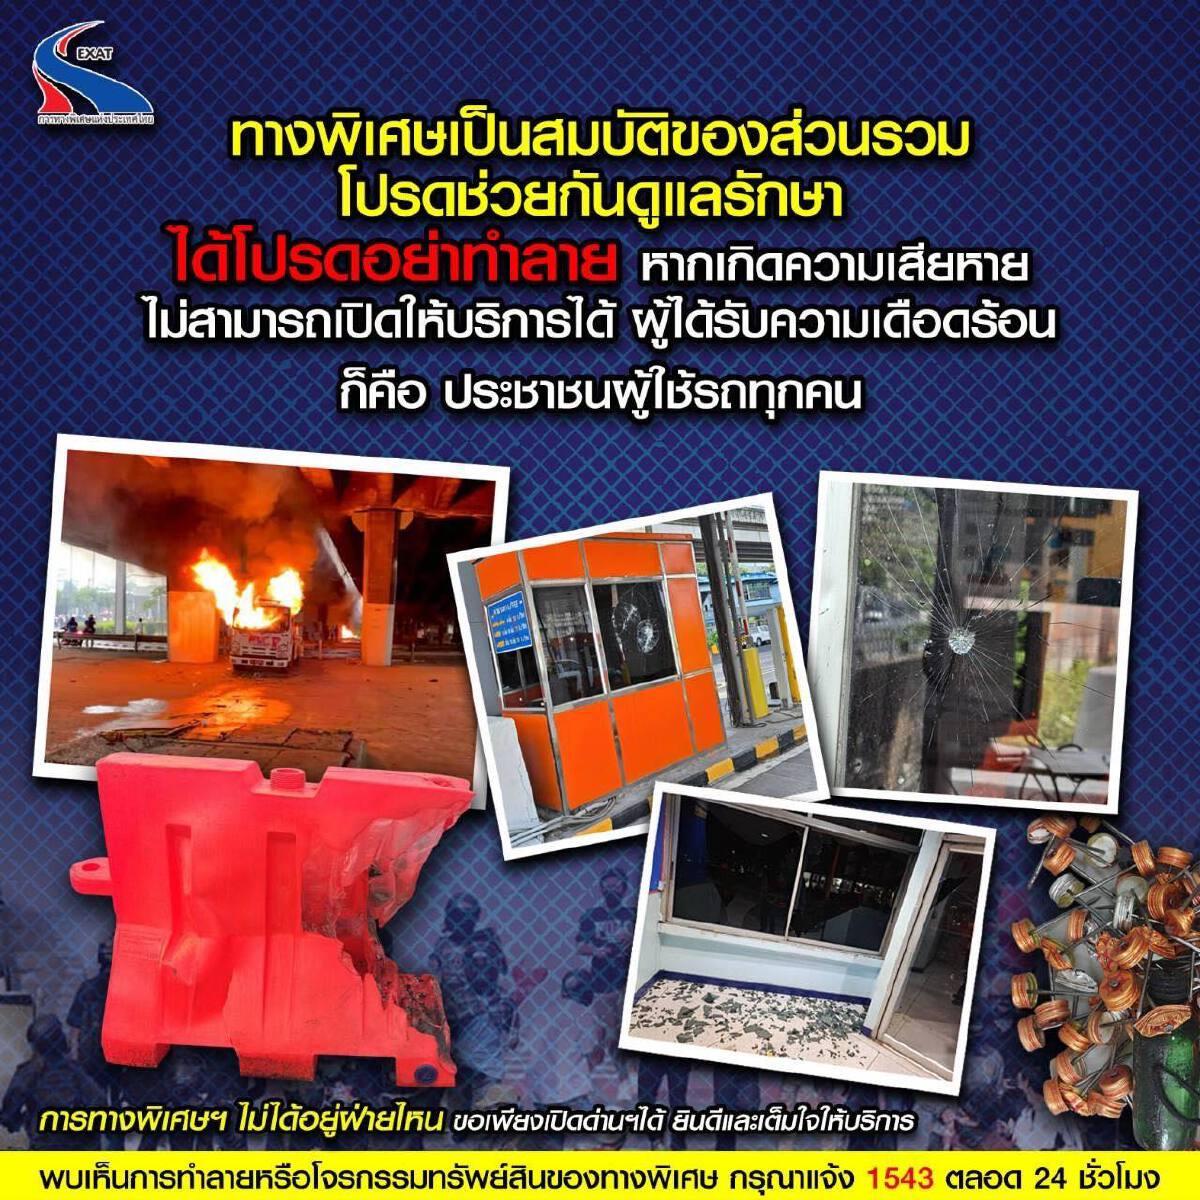 """""""ทางด่วน"""" ขอร้อง โปรดอย่าทำลายทรัพย์สินของการทางพิเศษแห่งประเทศไทย"""